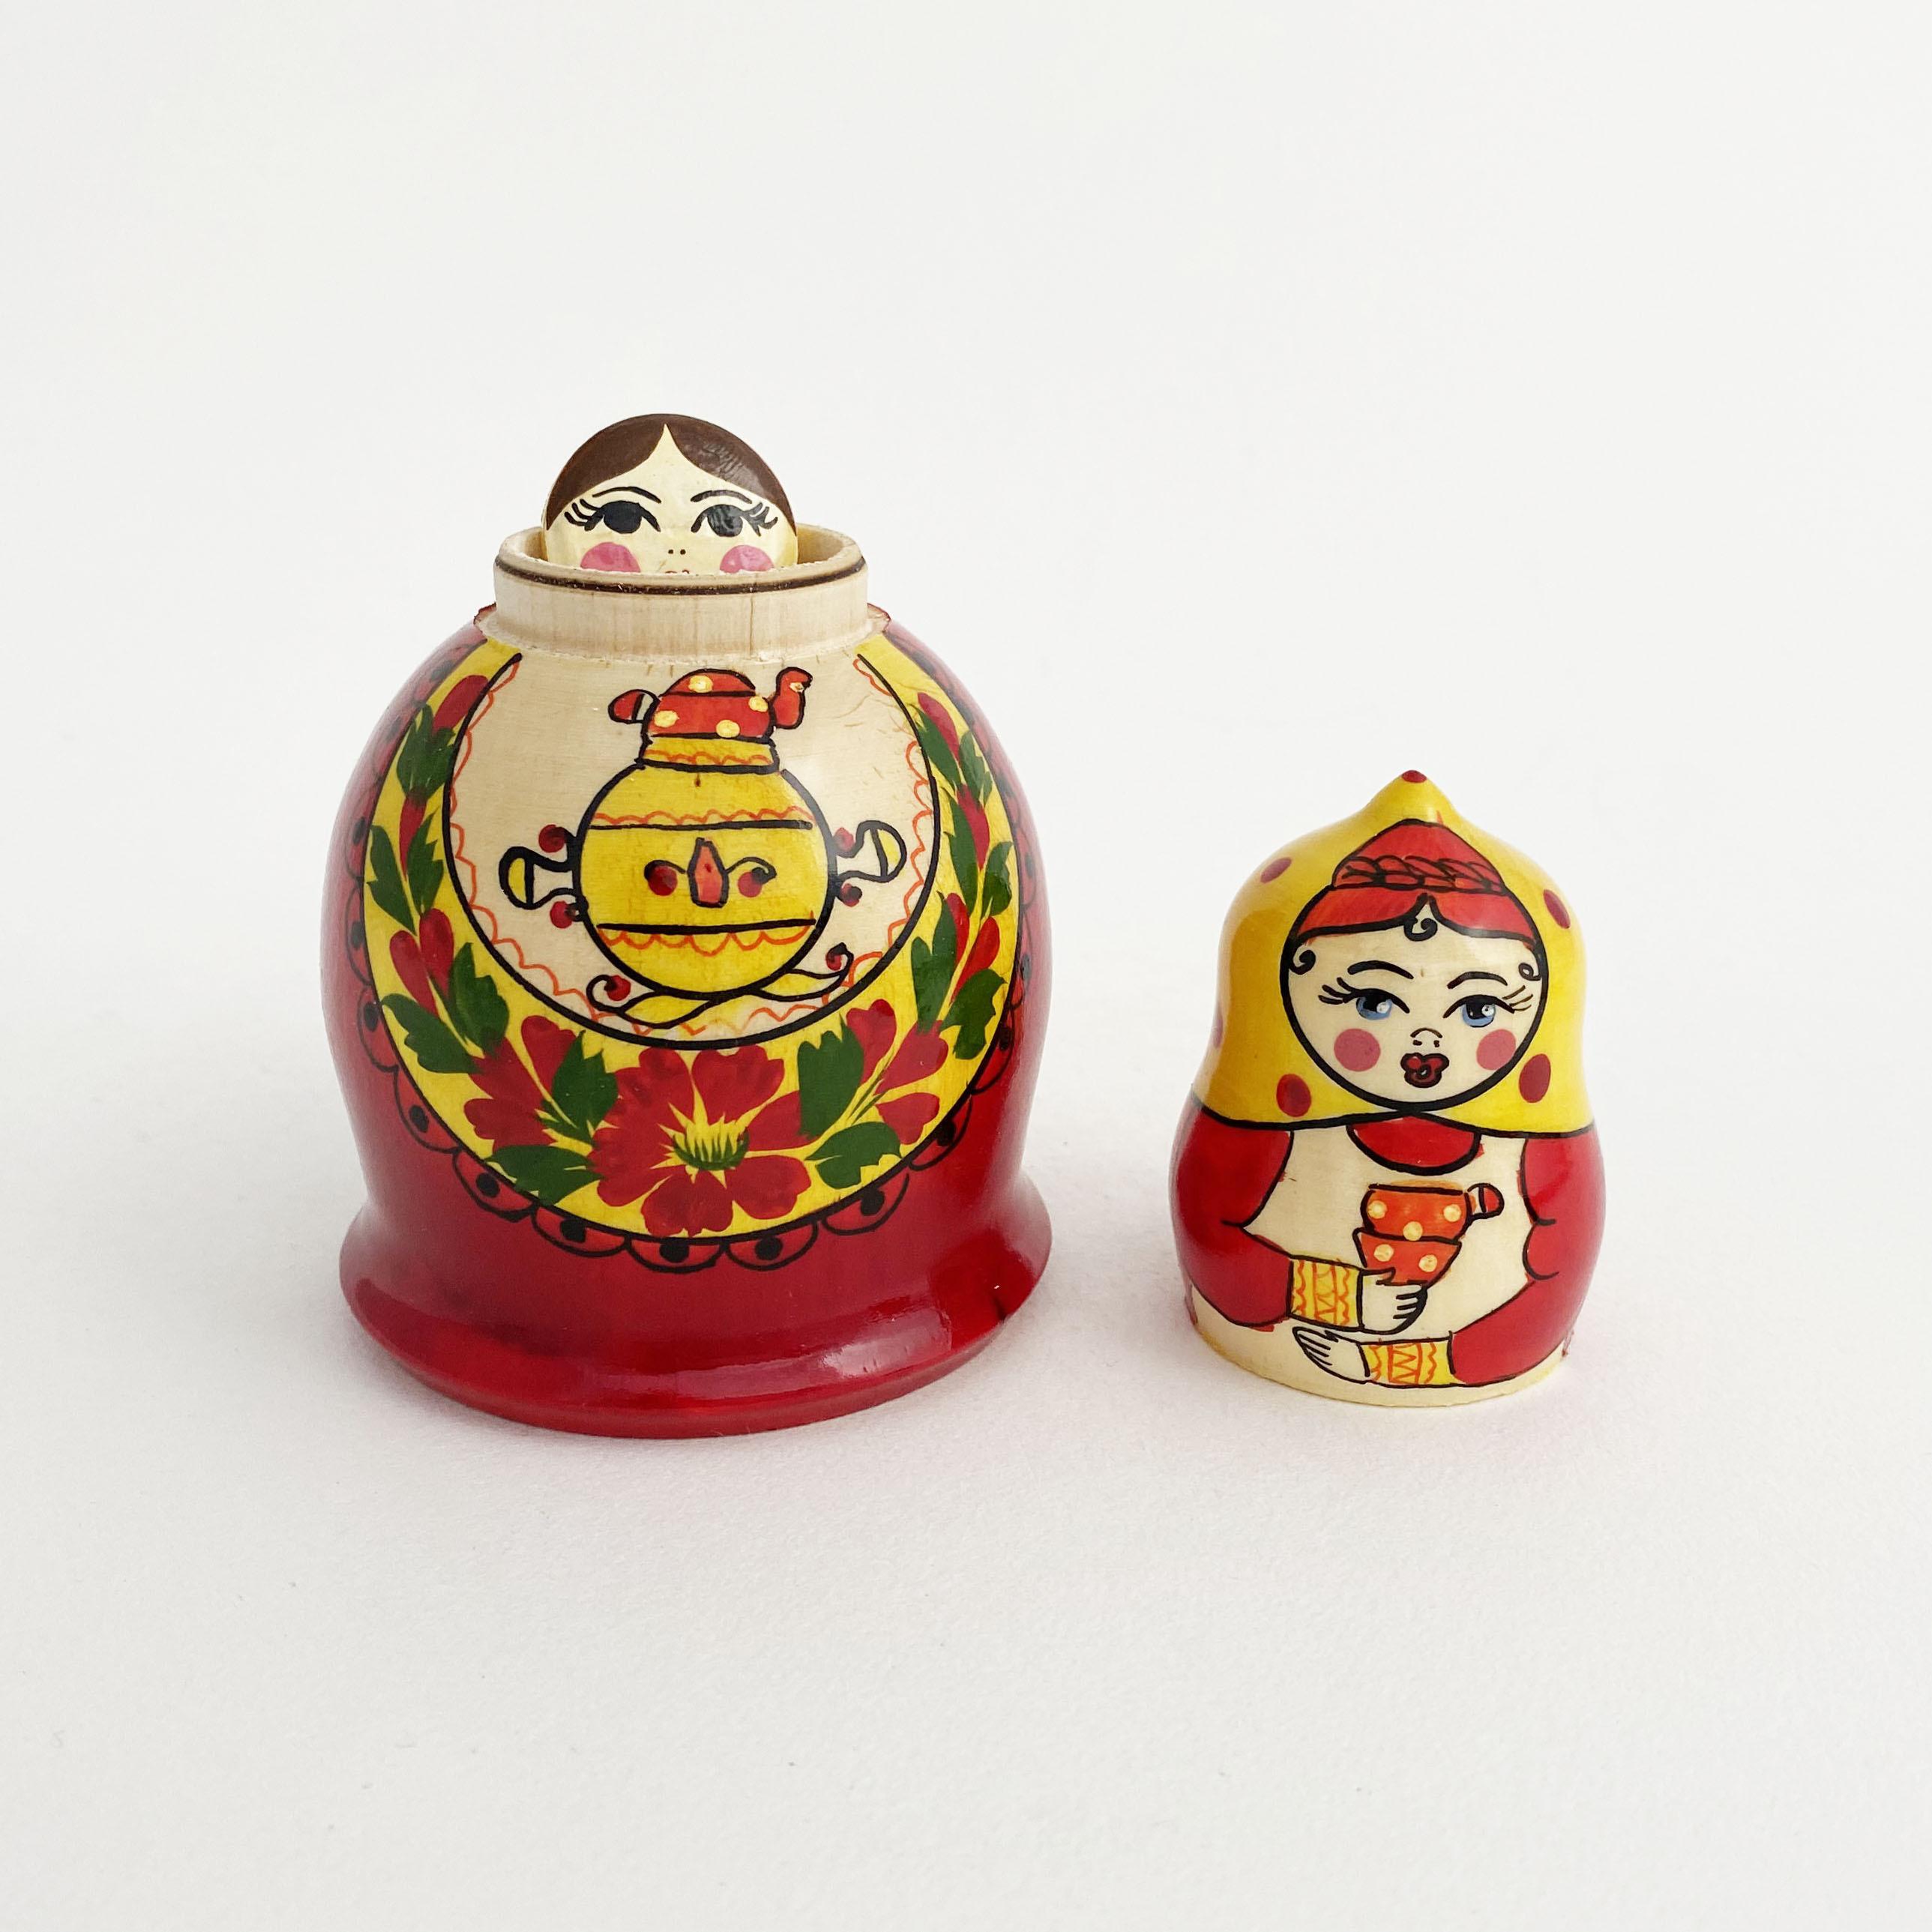 セミョーノフ産/お茶の乙女(スプーン入り)